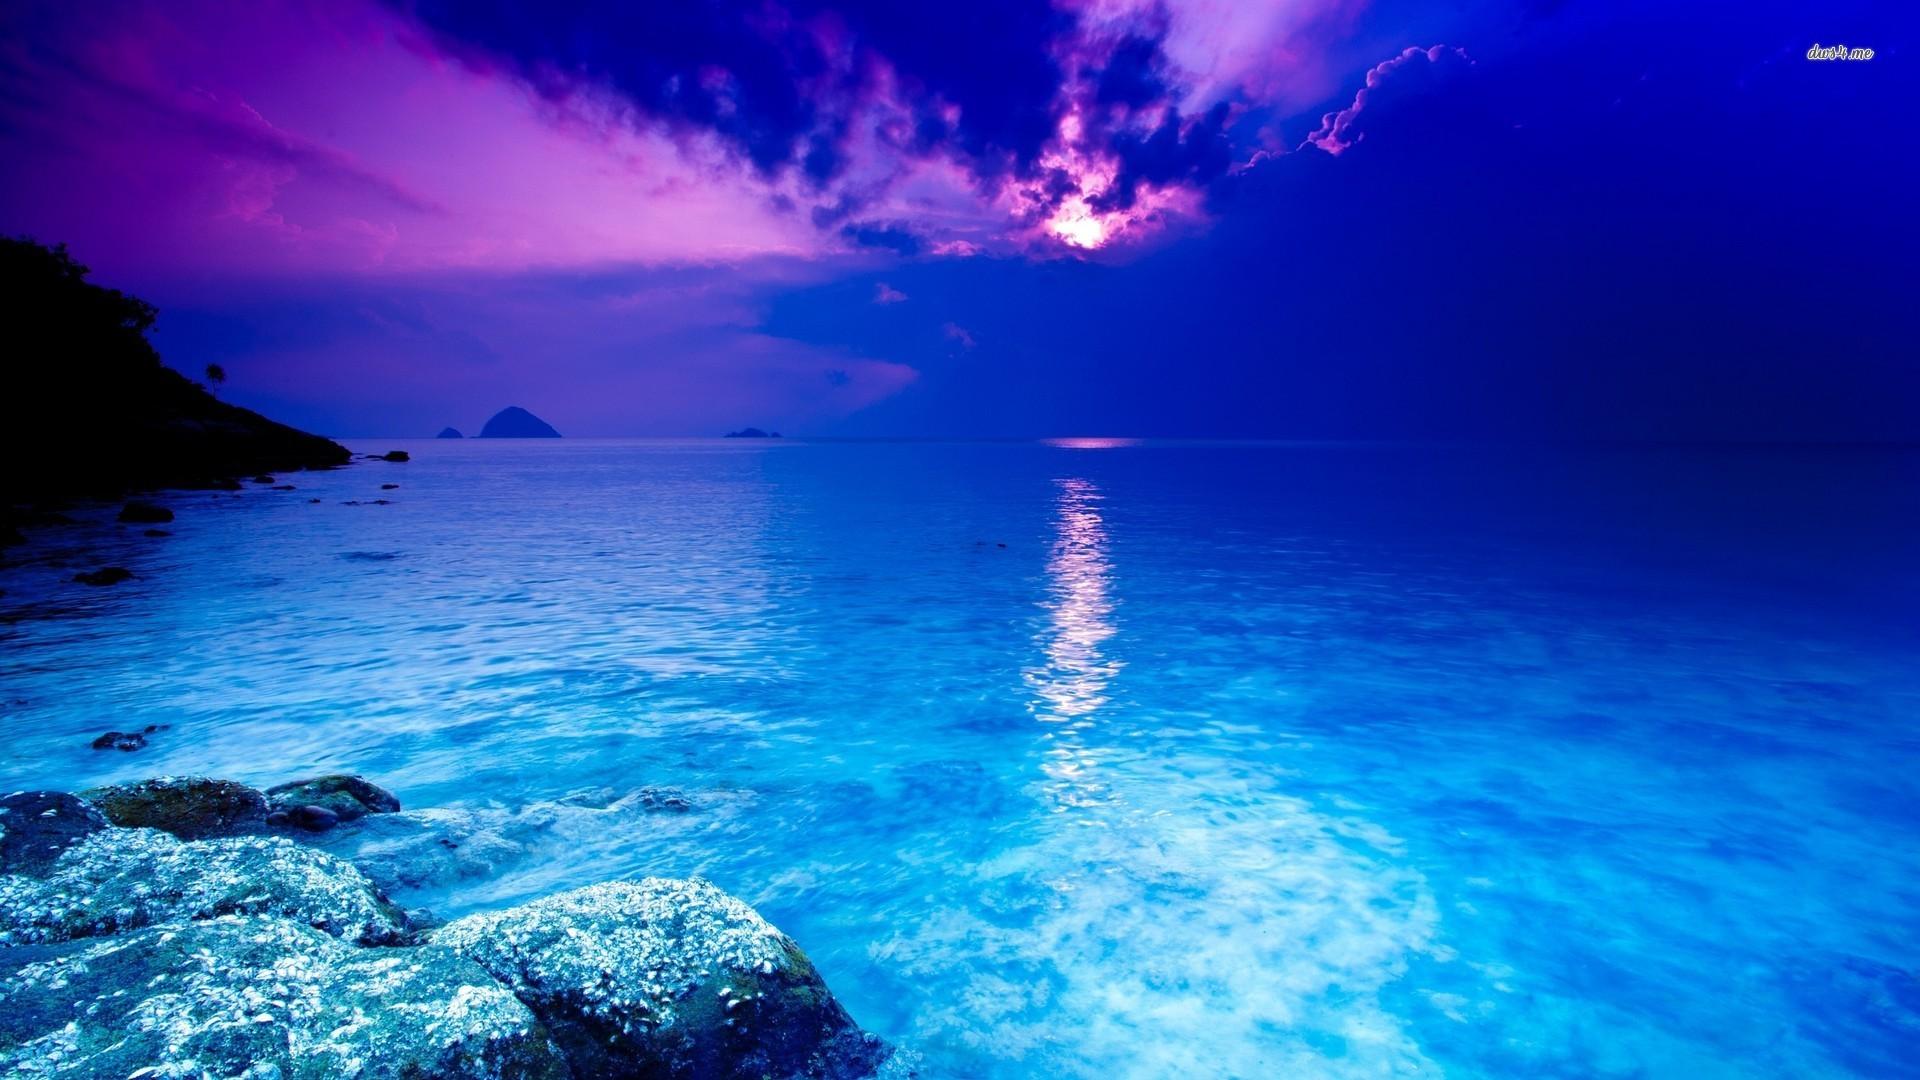 blue ocean wallpaper beach wallpapers